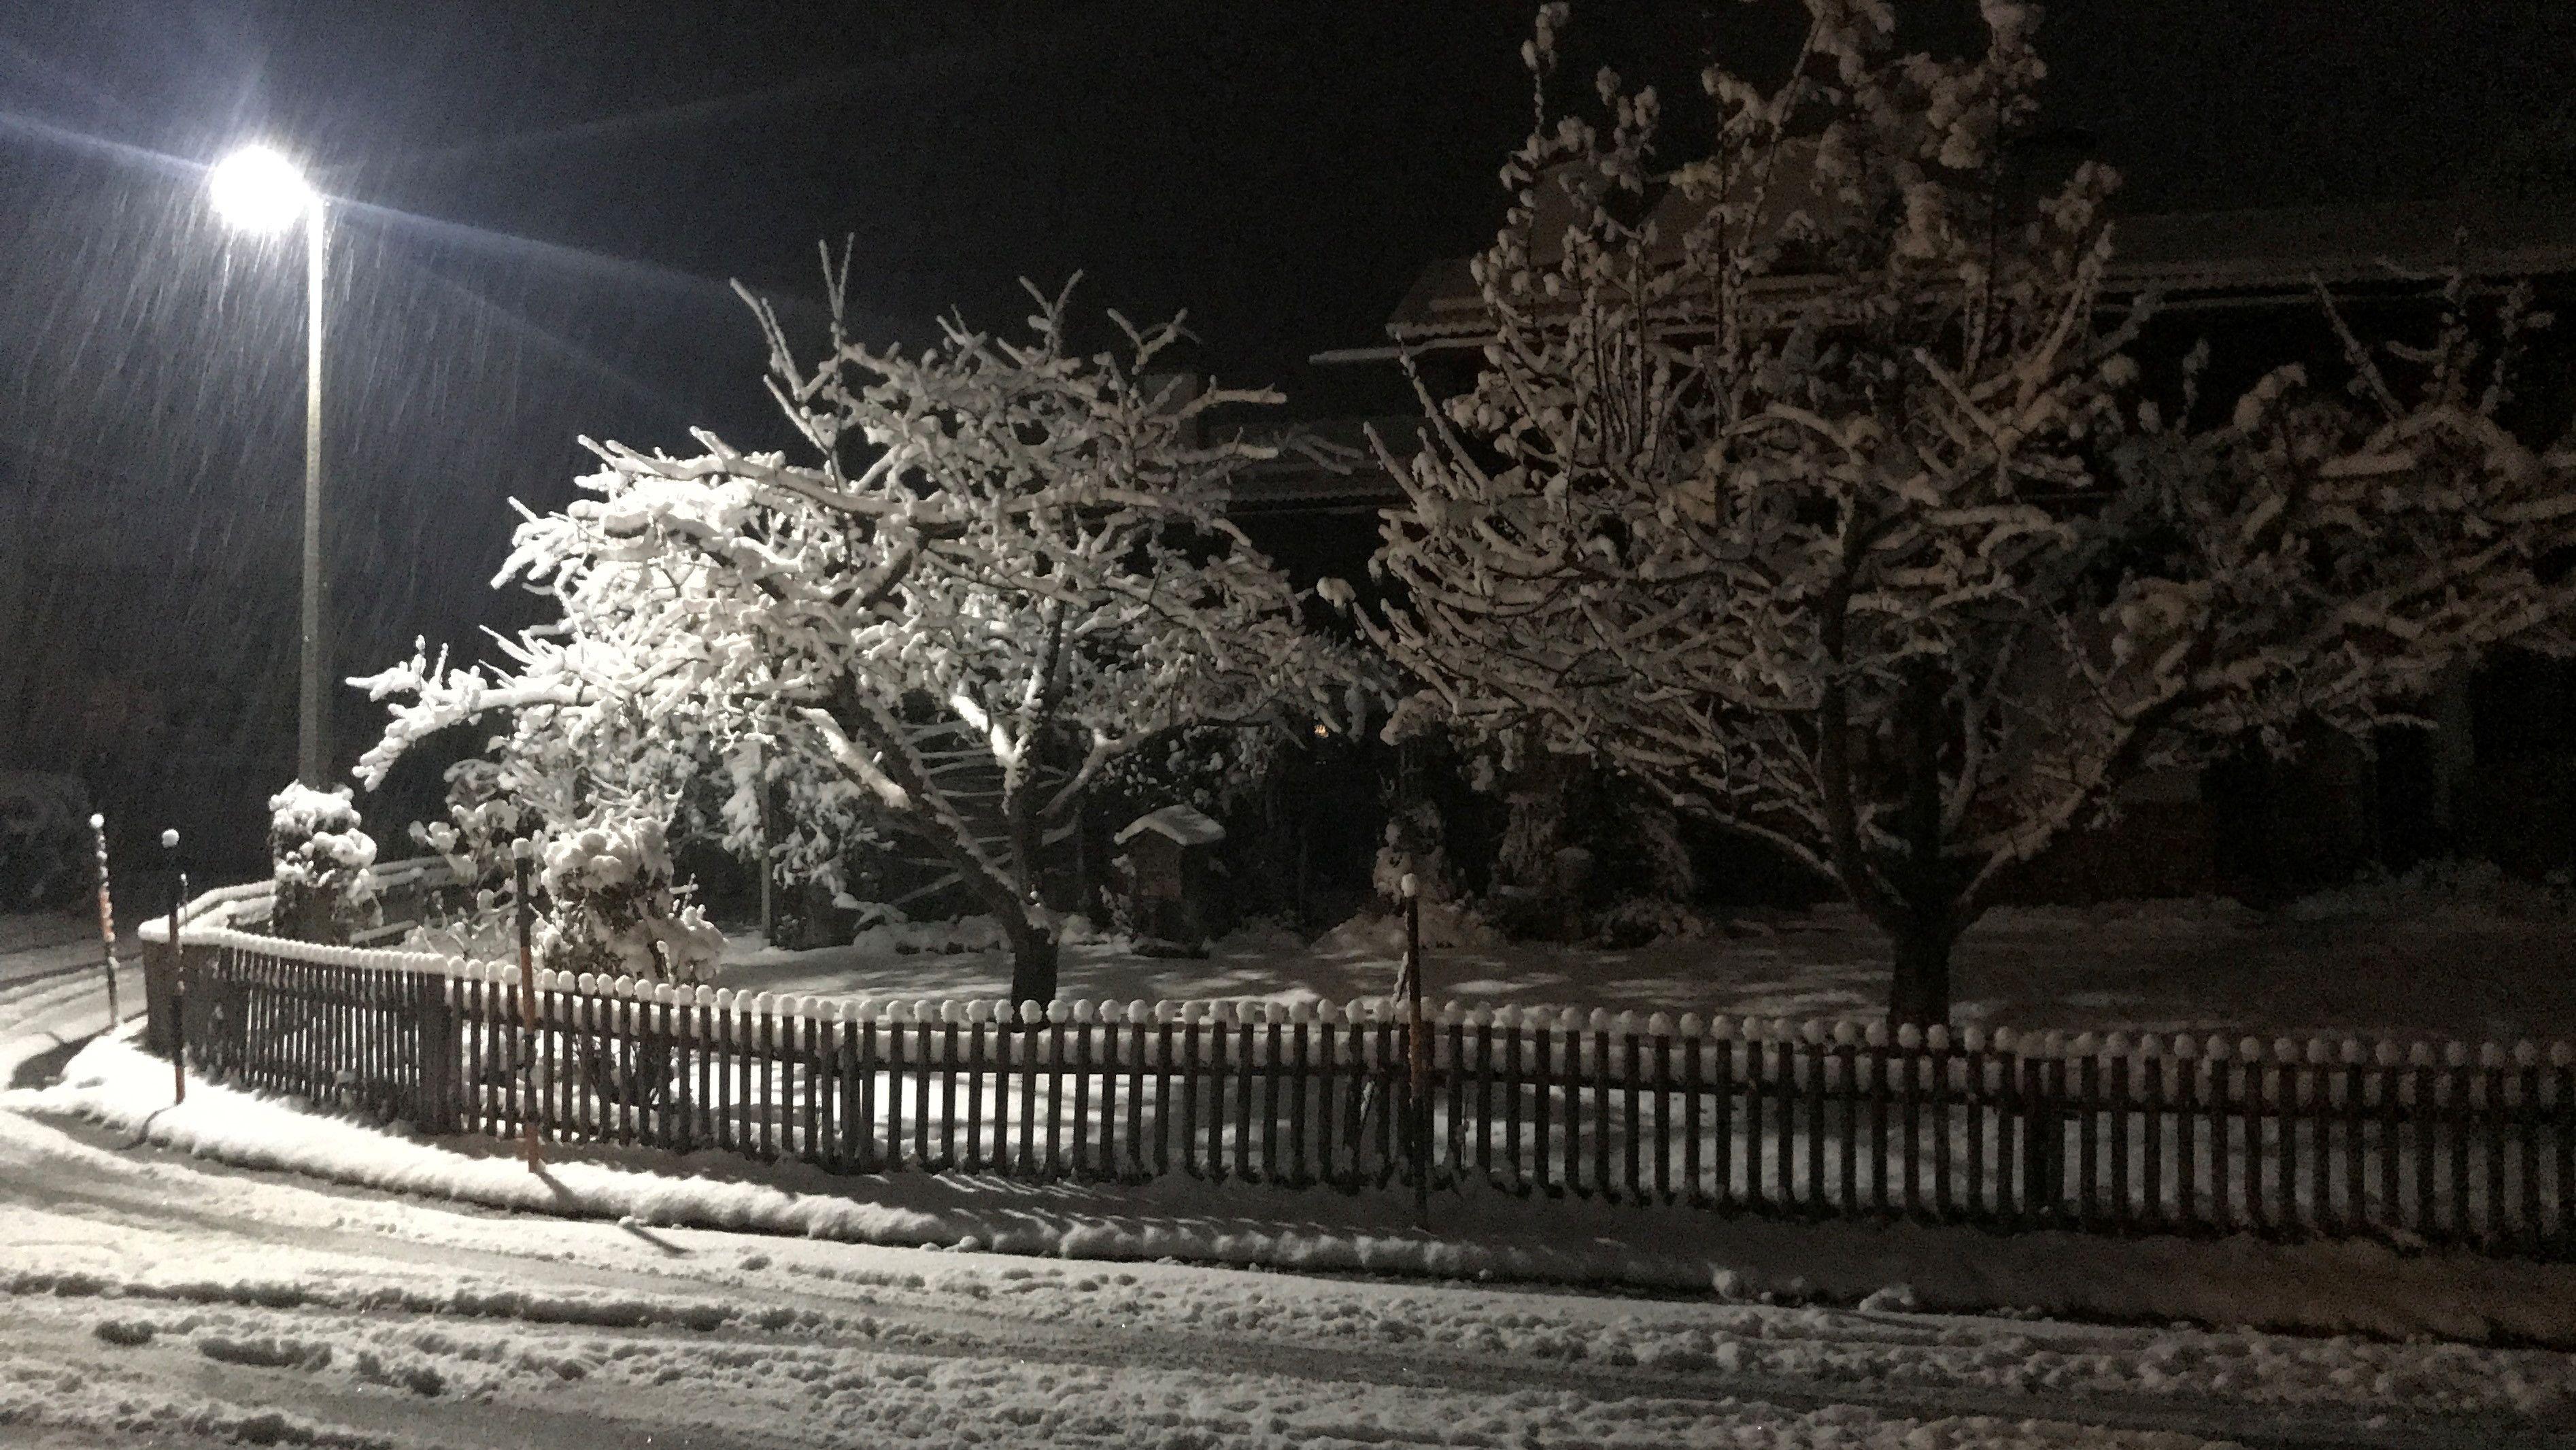 Schnee auf Straßen und Bäumen in Inzell